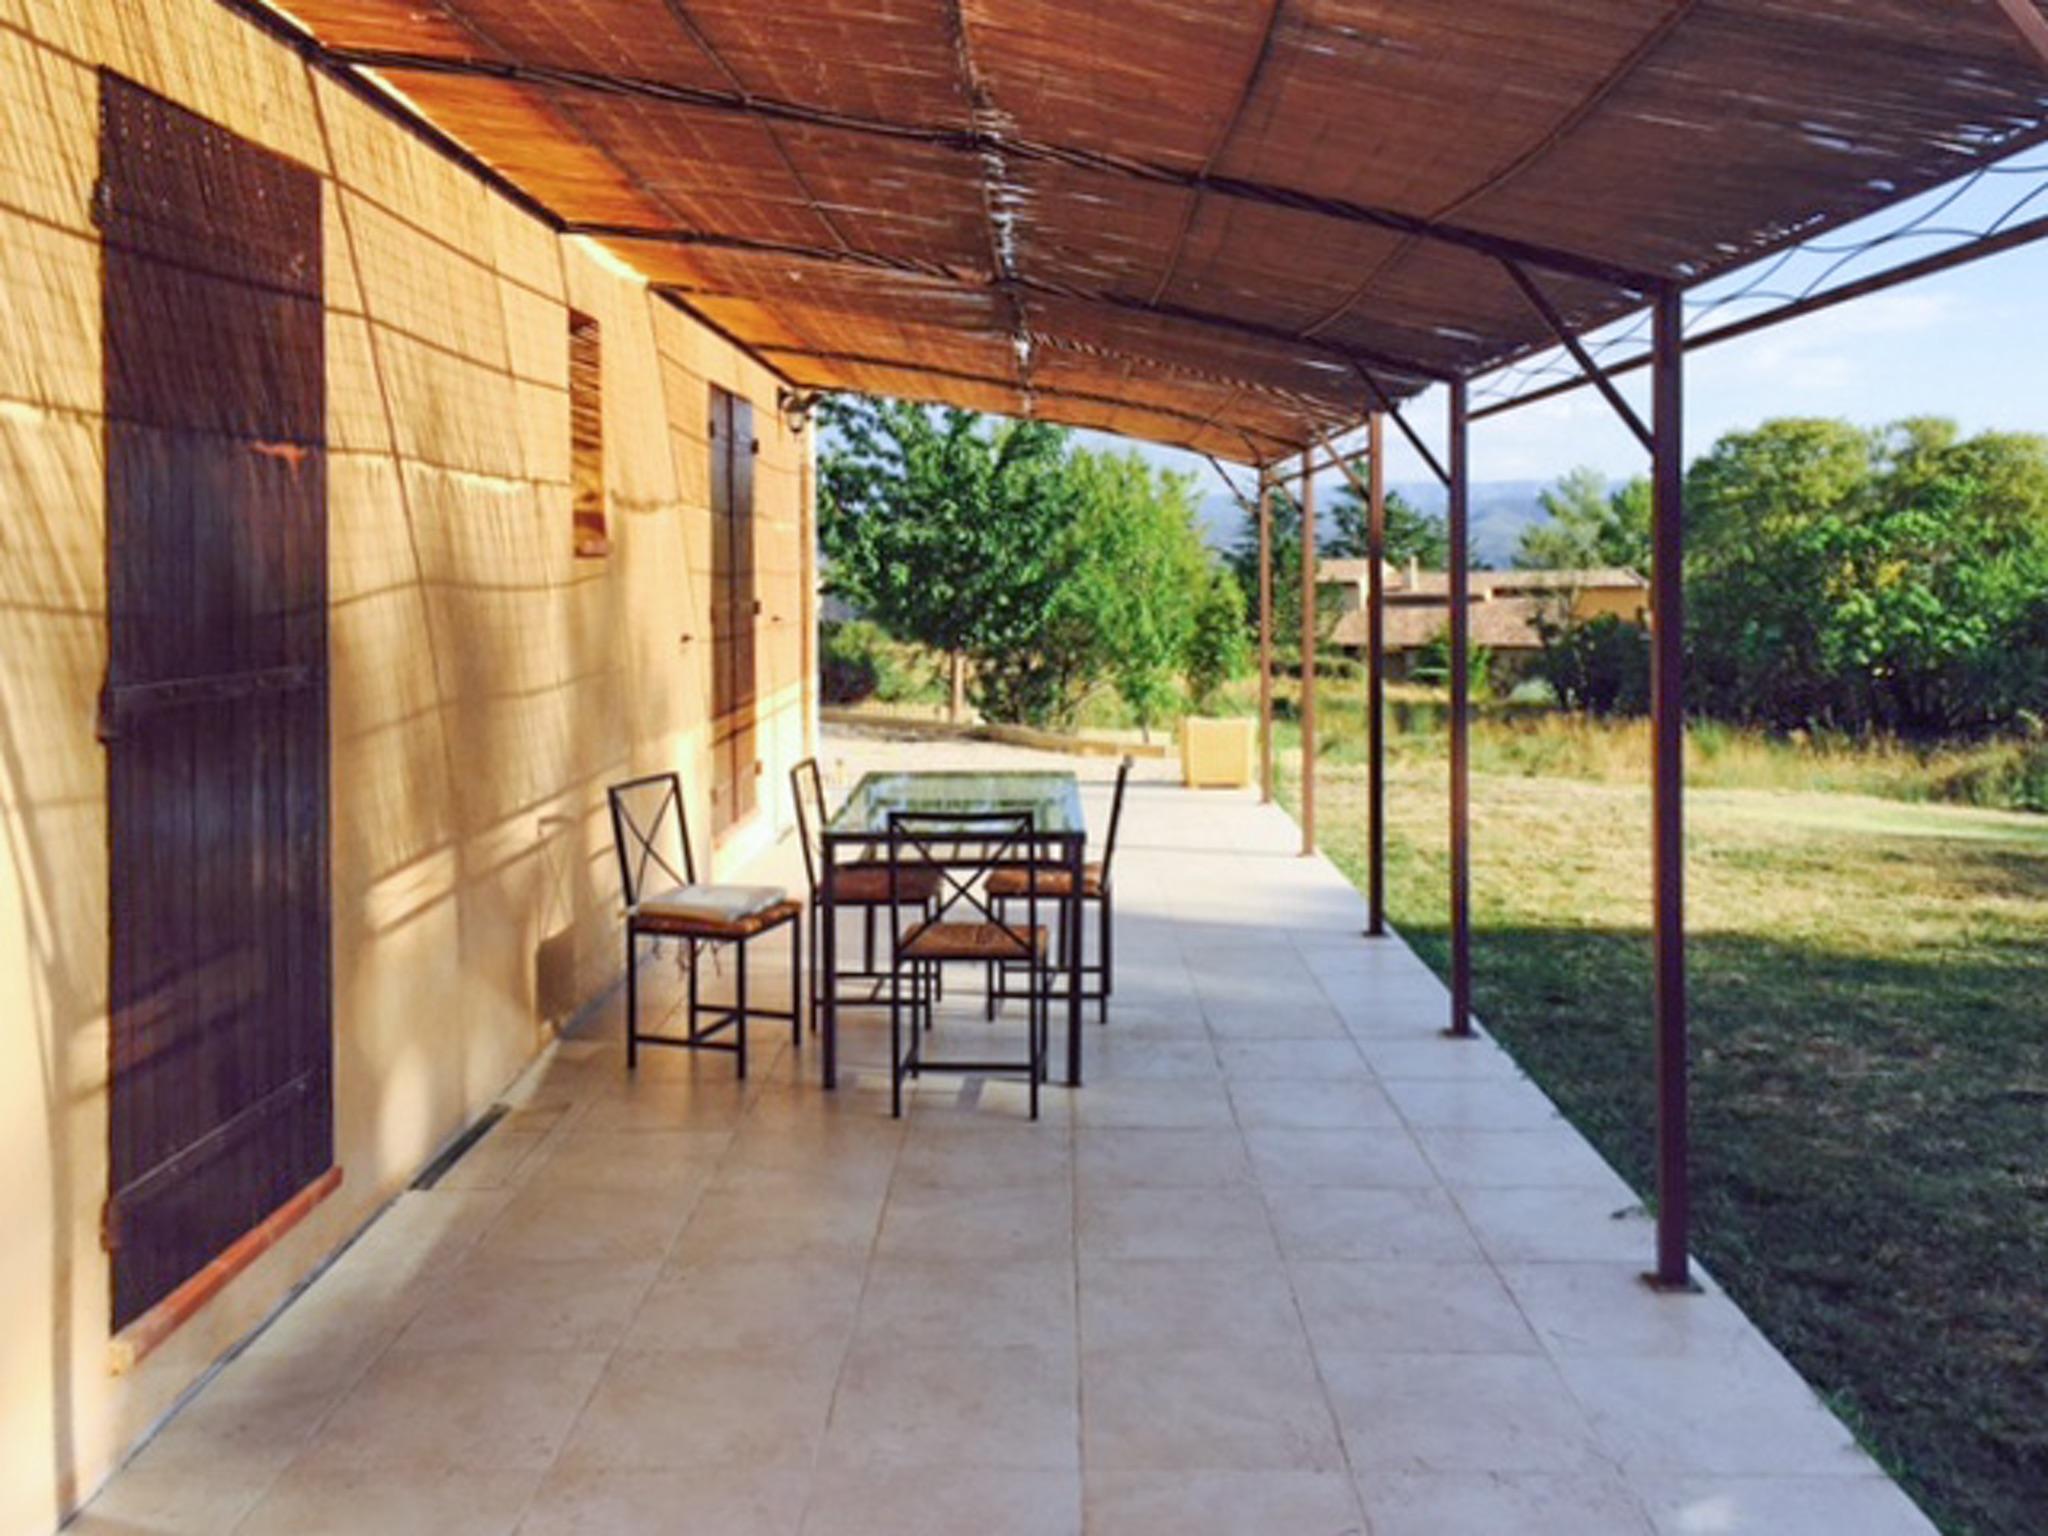 Ferienhaus Haus mit drei Schlafzimmern, Pool, Garten und Terrasse in der Luberon (2201928), Pertuis, Vaucluse, Provence - Alpen - Côte d'Azur, Frankreich, Bild 24